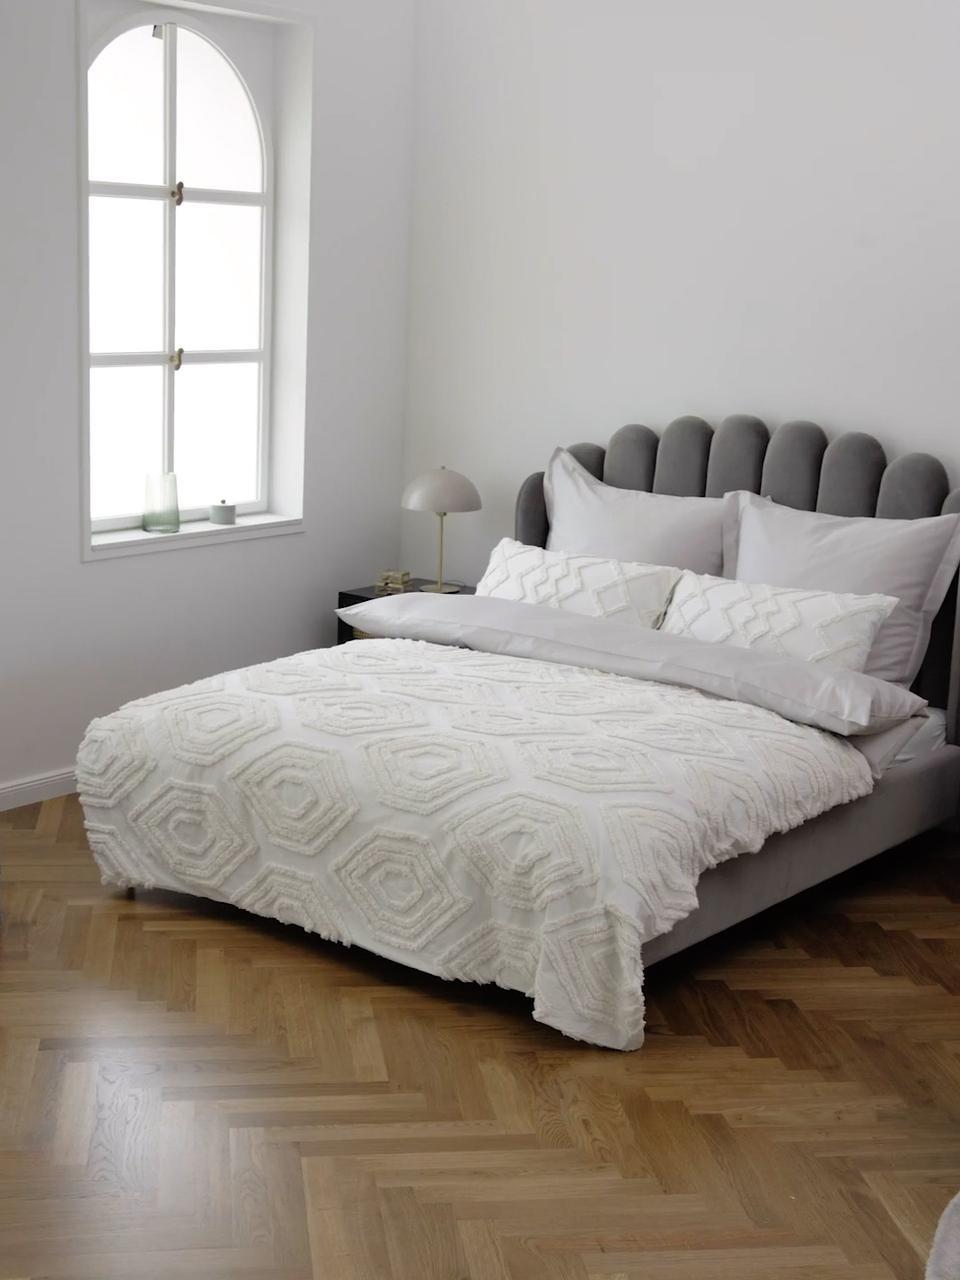 Tagesdecke Faye mit getuftetem Muster, 100% Baumwolle, Weiß, B 240 x L 260 cm (für Betten ab 160 x 200)